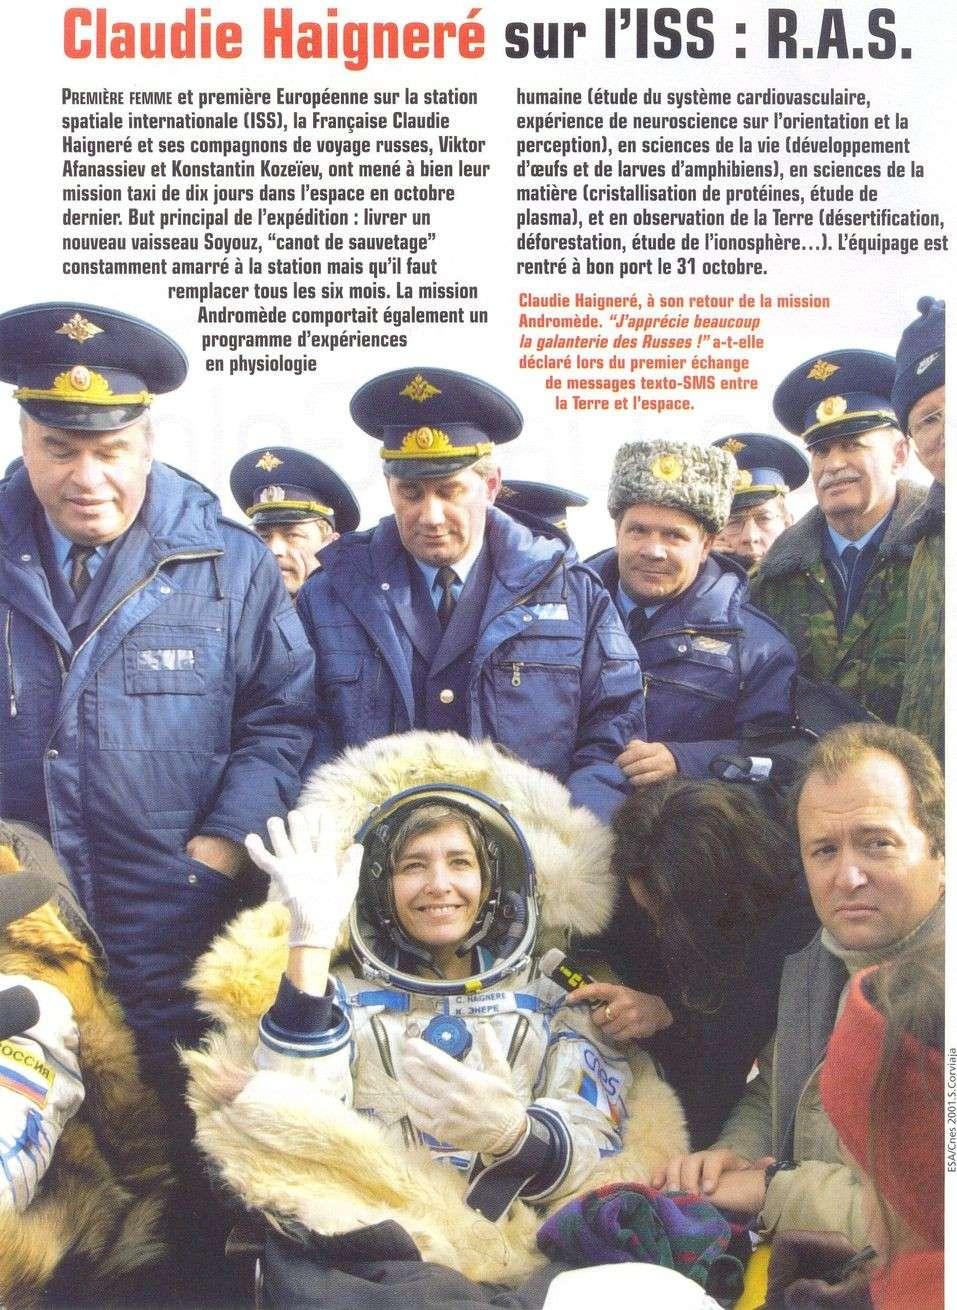 Claudie Haigneré - 1ère Française dans l'espace - Page 2 01120014